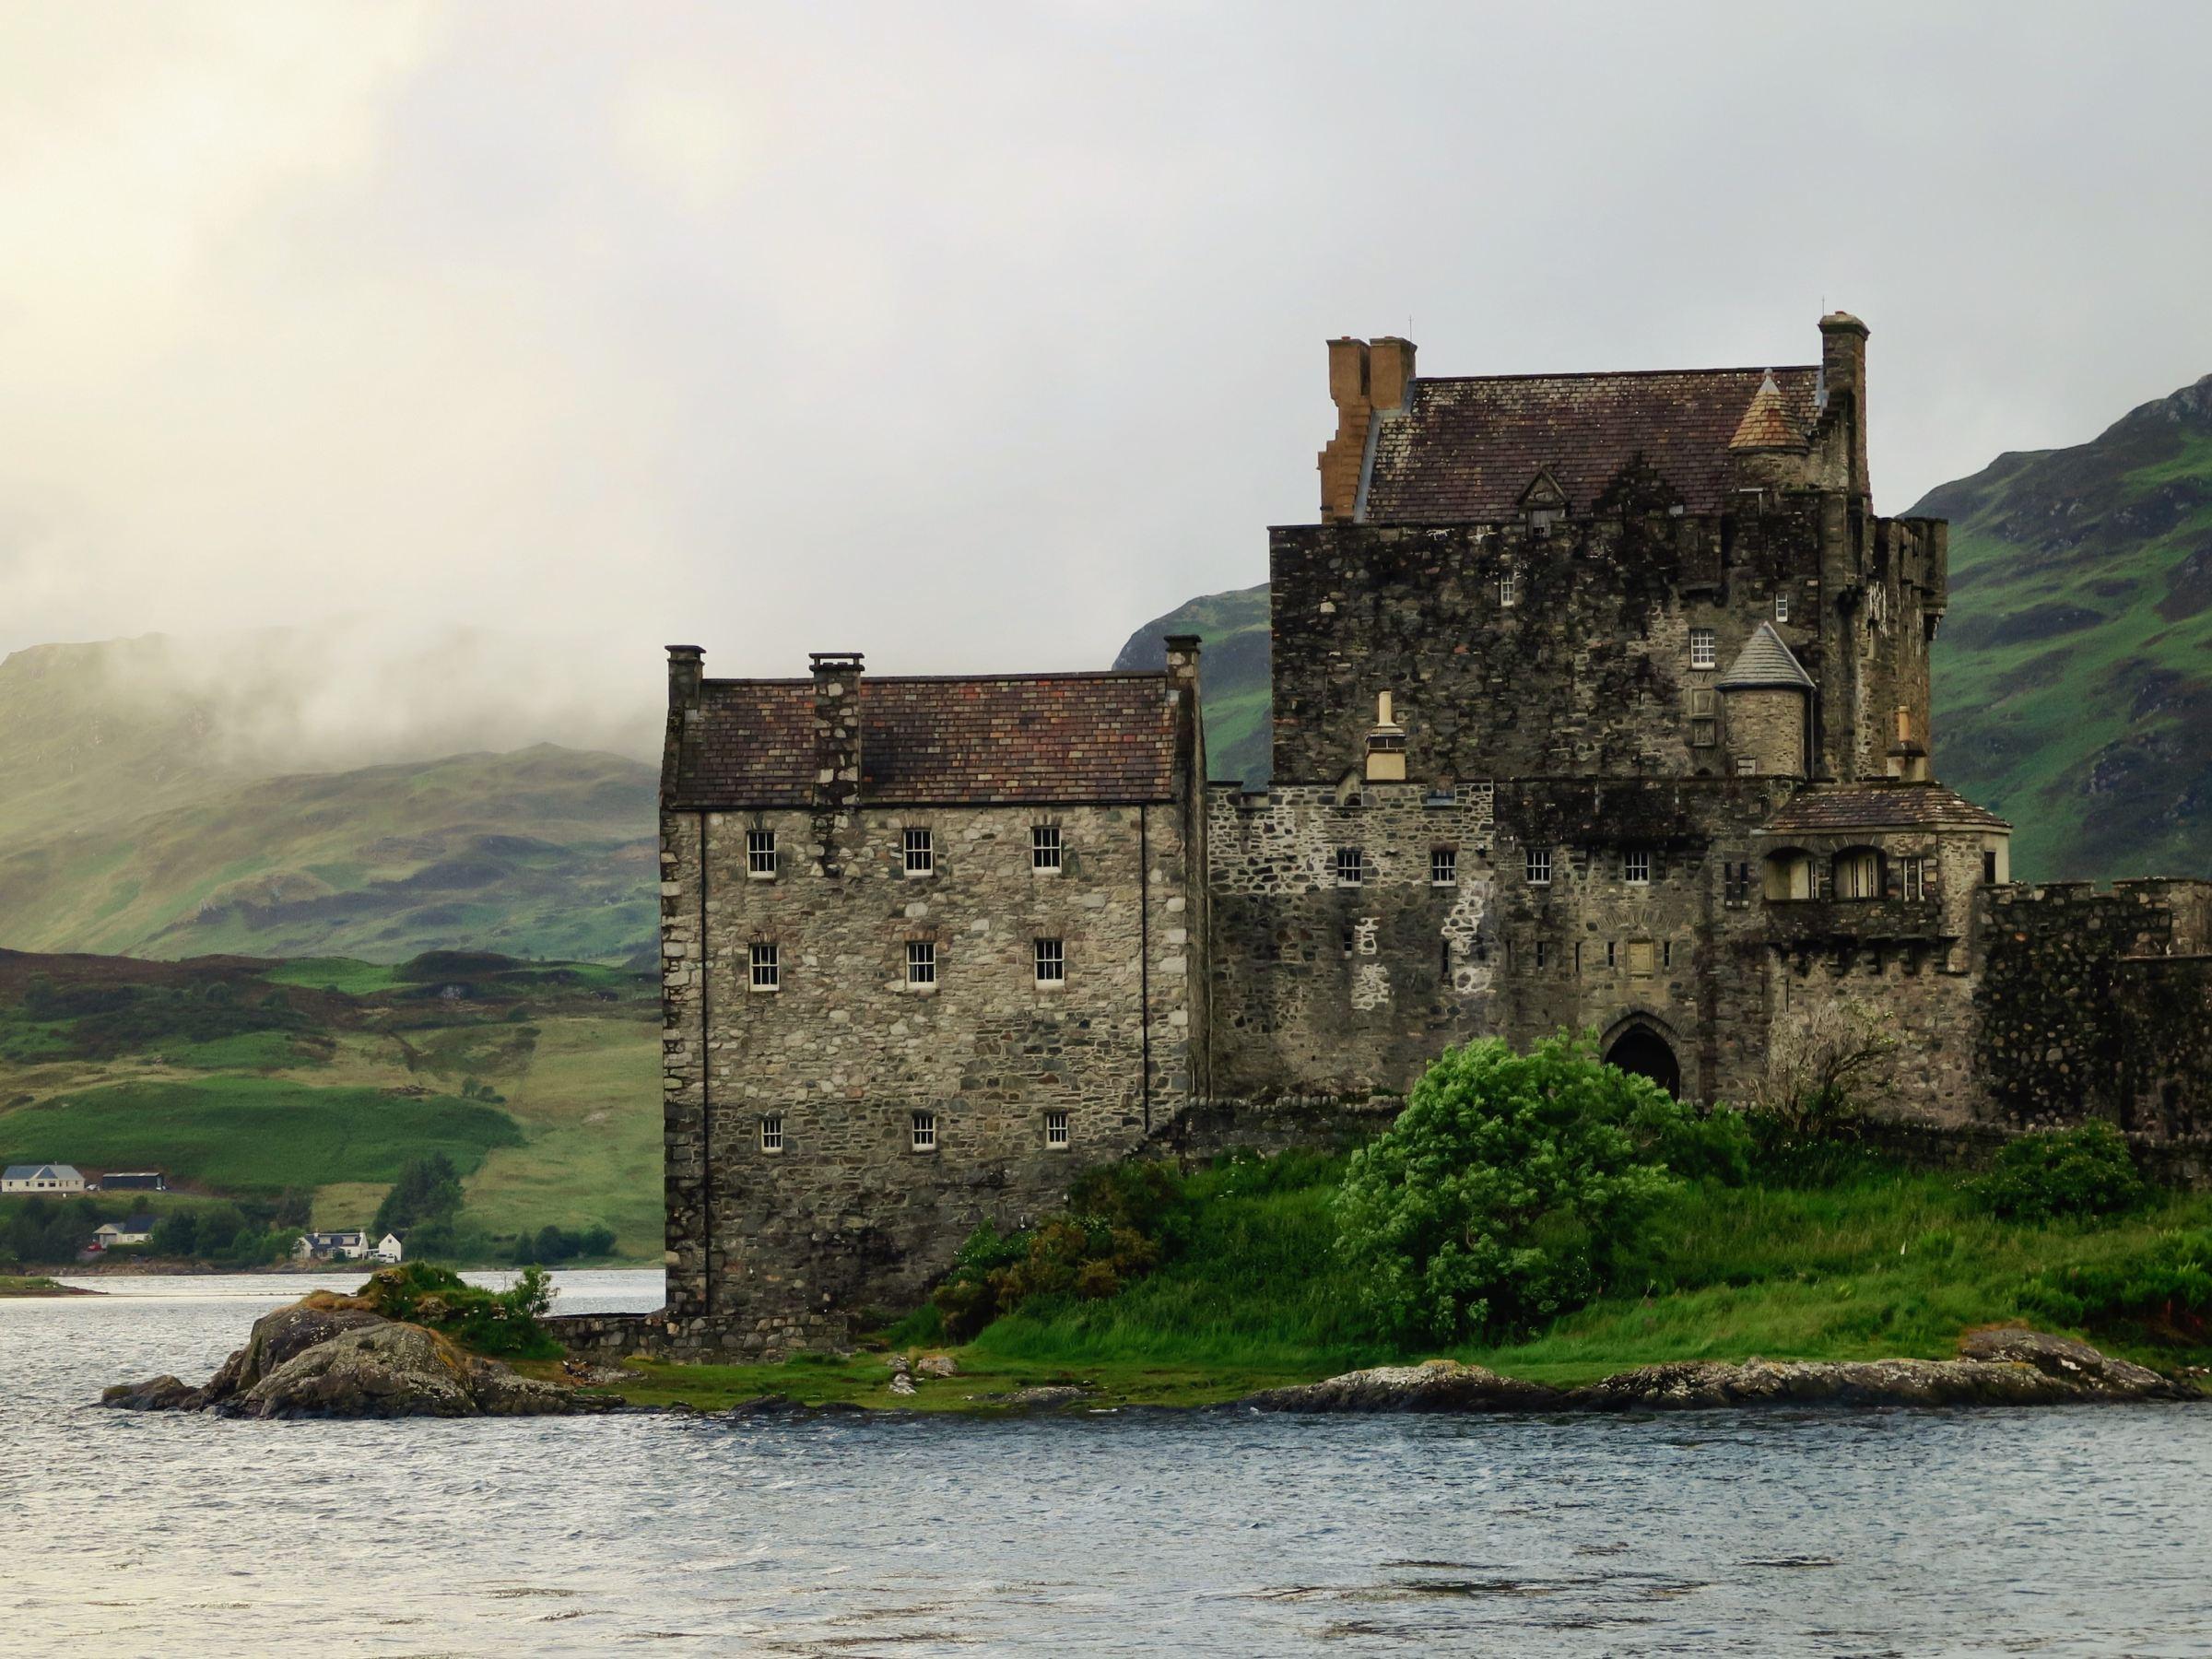 Scotland castle on the shore